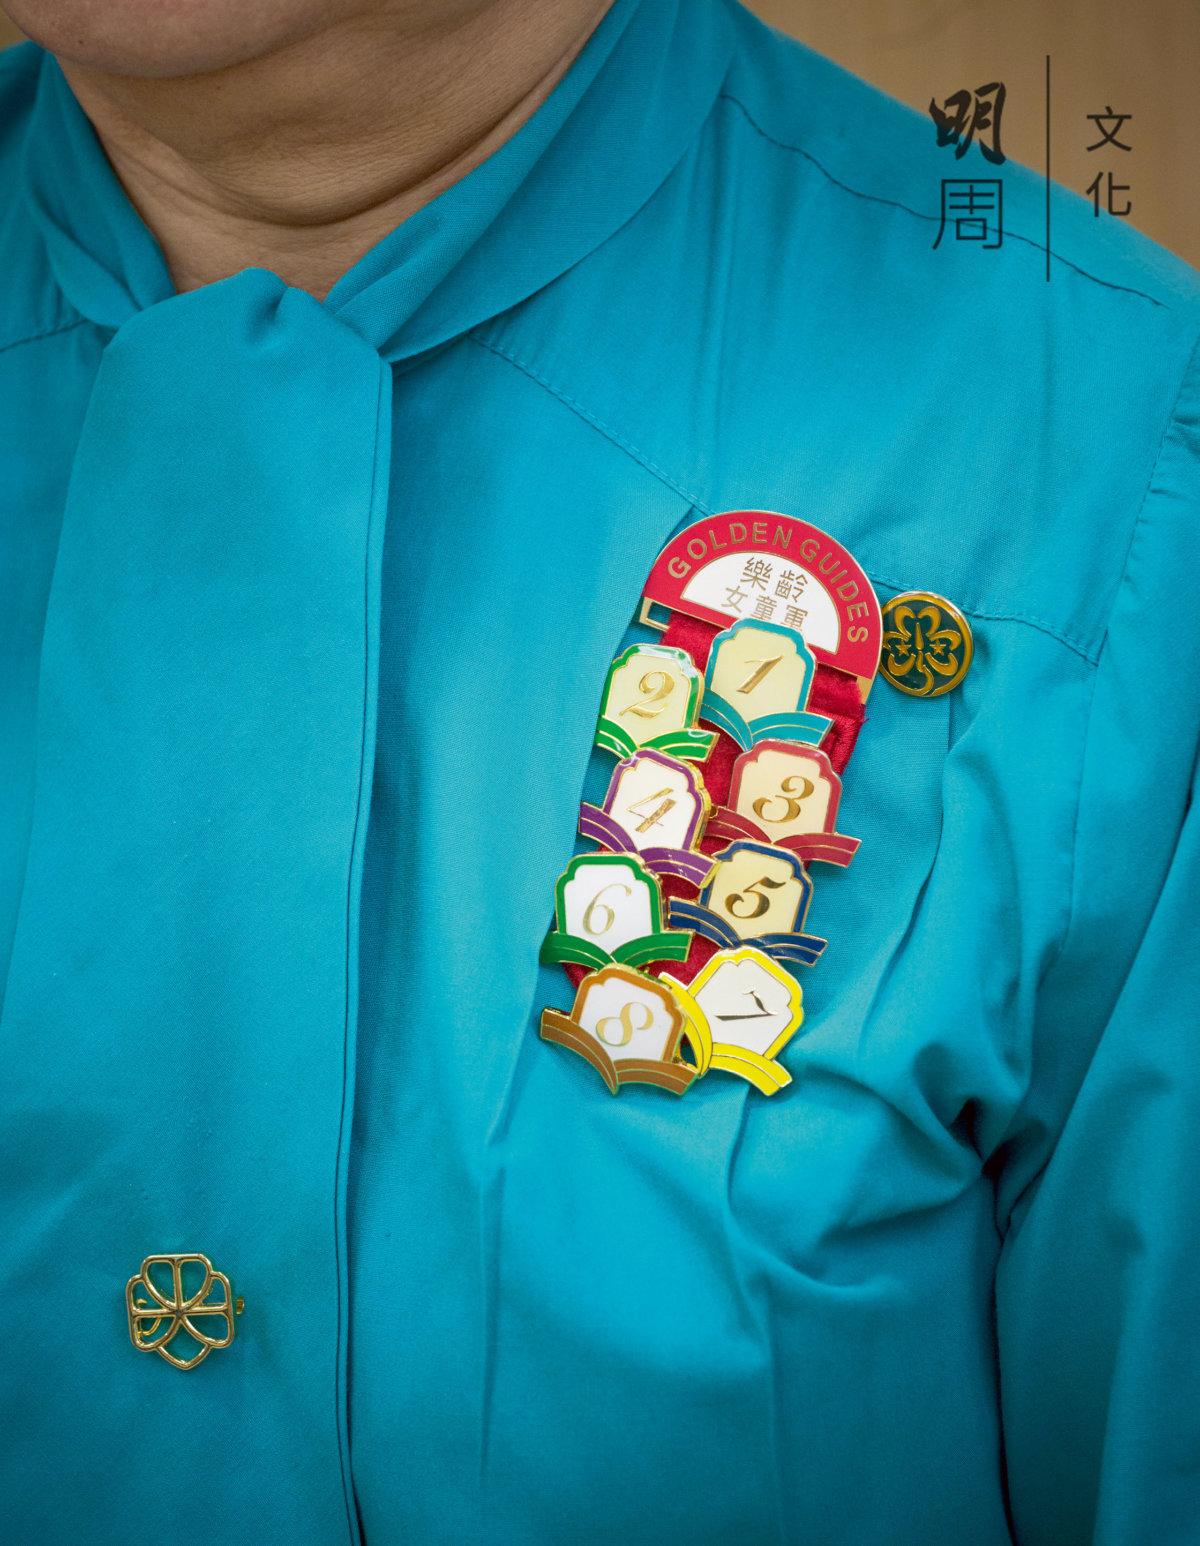 佩戴在制服上進度獎章,一年一枚,是婆婆們驕傲的印記。